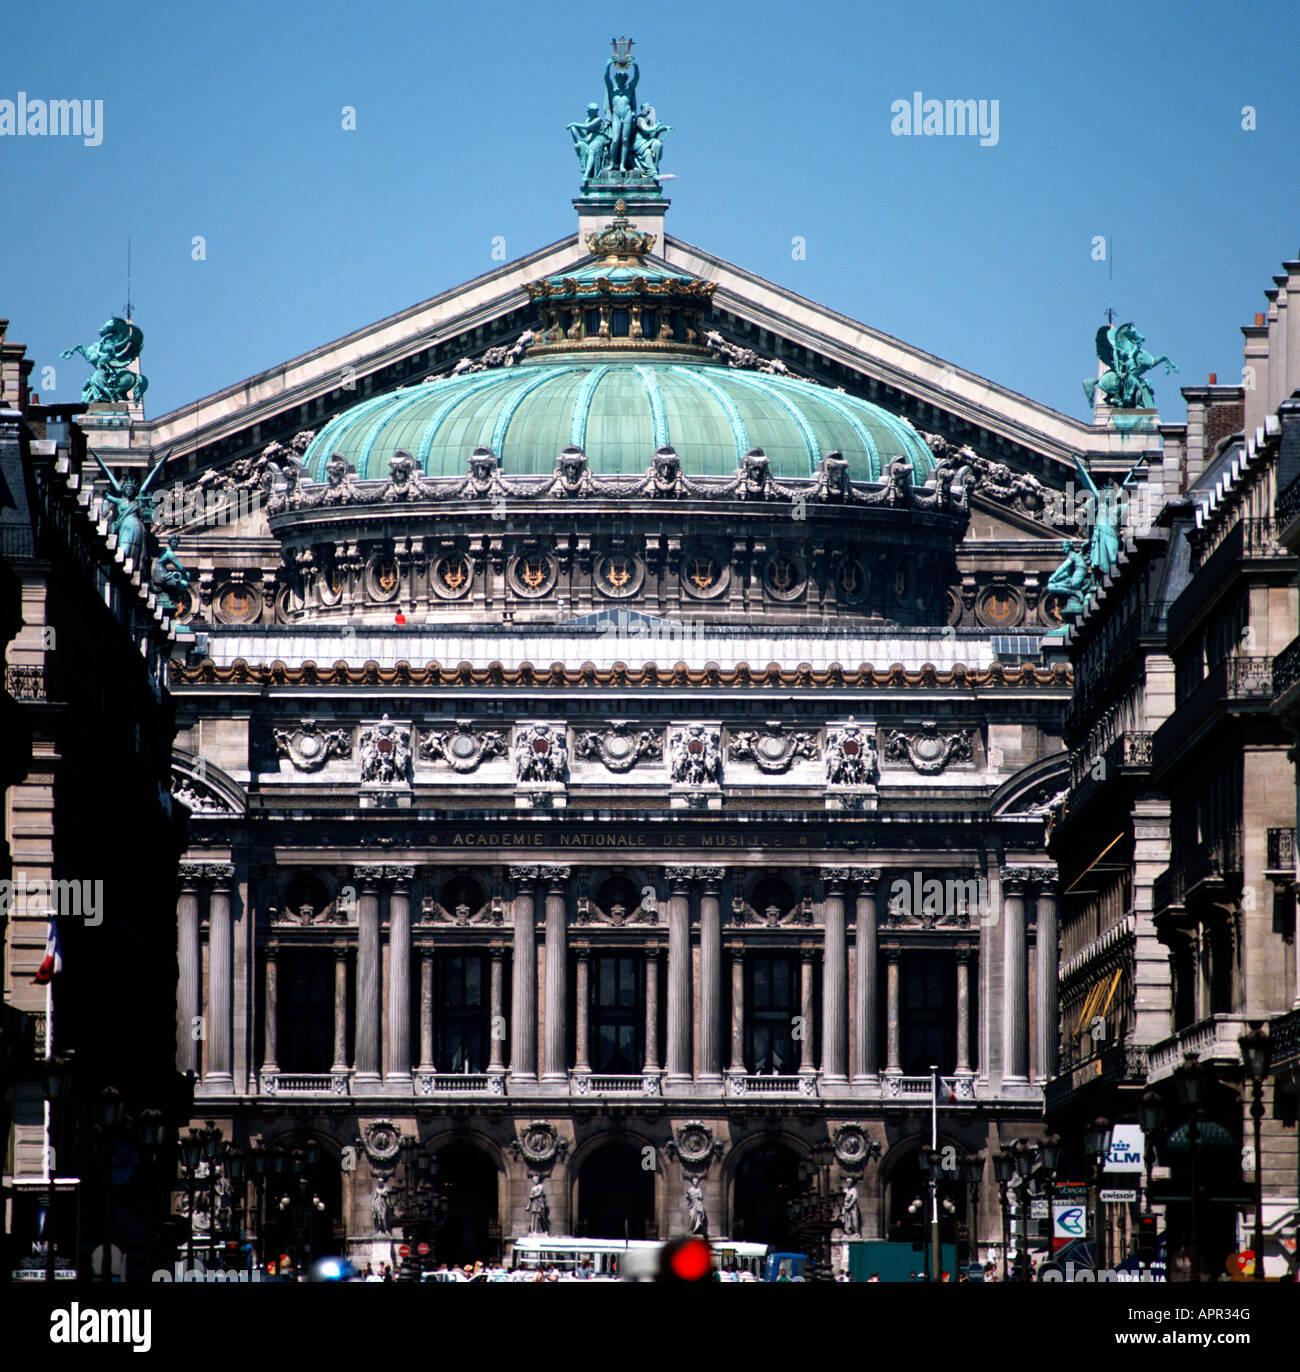 EU FR France Region Ile De Paris 9 Arrondissement The Opera Garnier Medium Format More Images On Request No Third Party